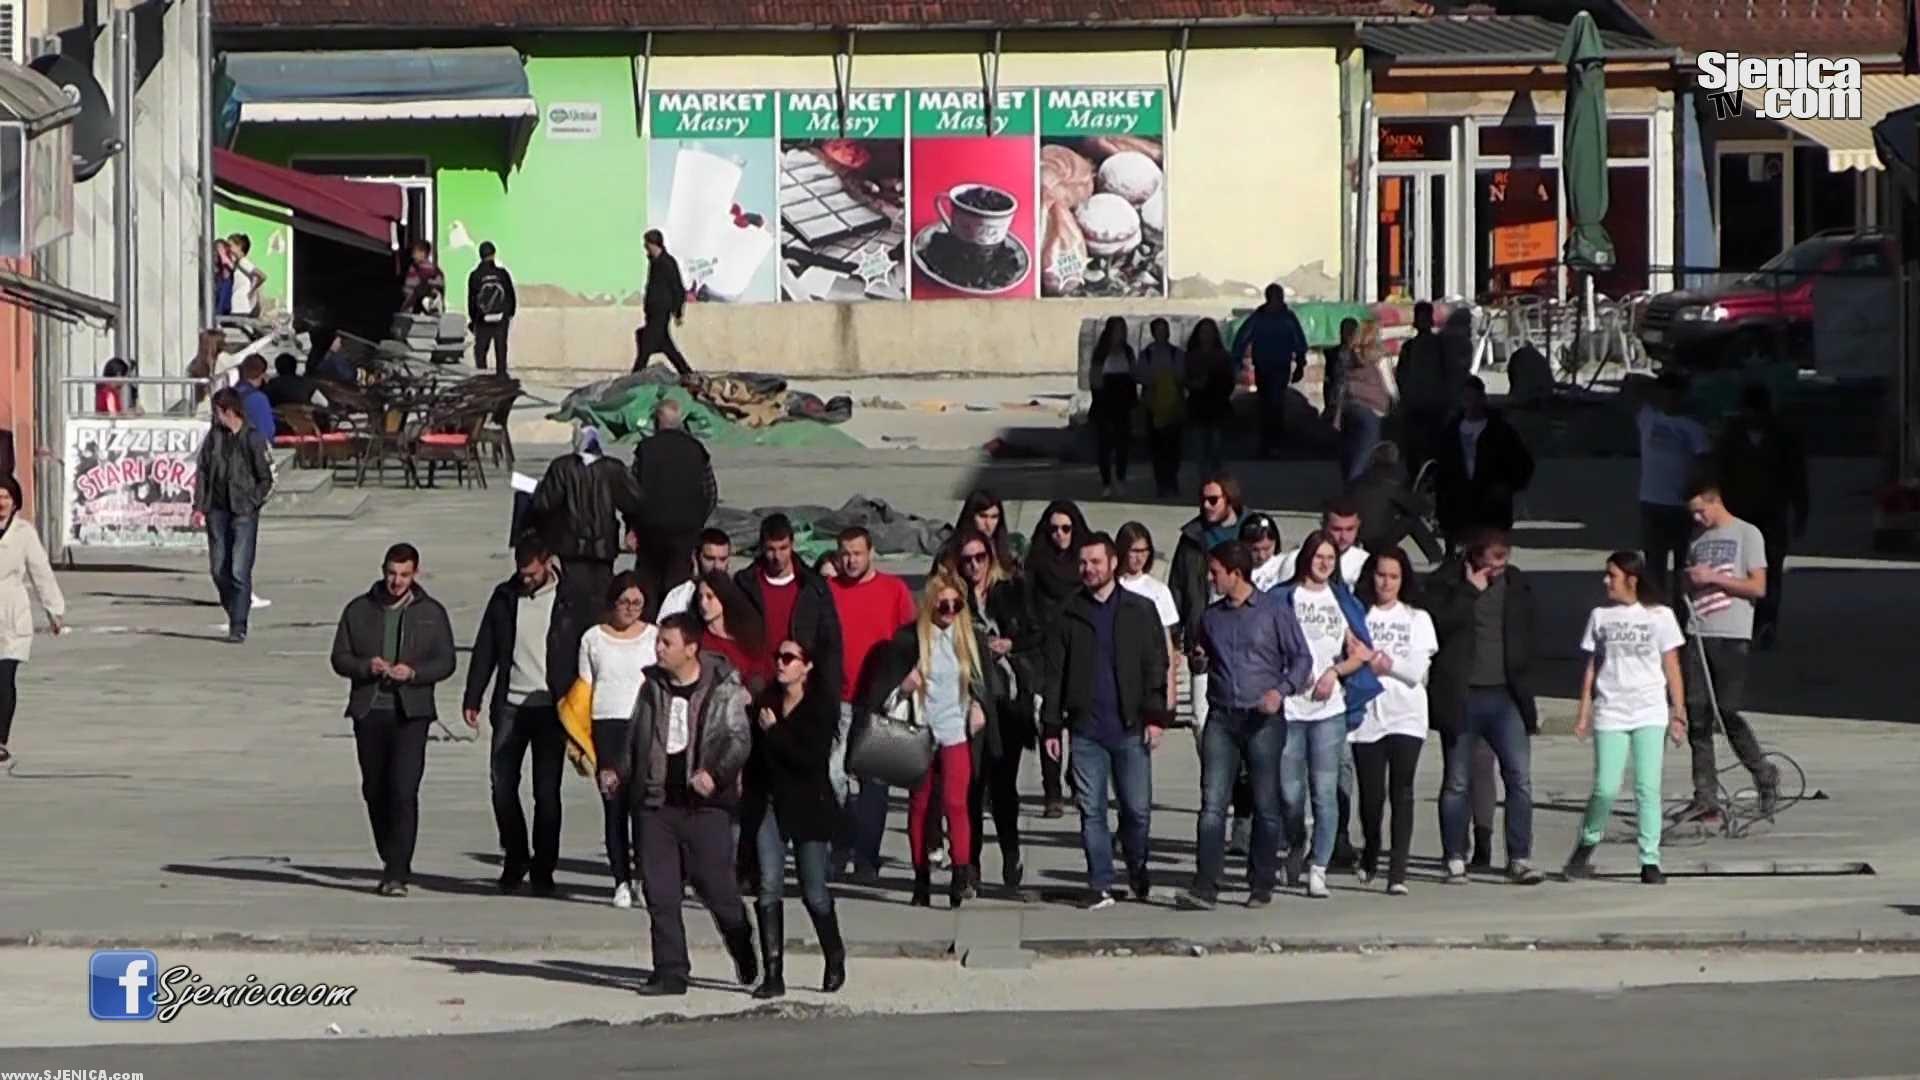 Mladi iz Zlatiborskog okruka zajedno ka boljim projektima / Sjenica / Novembar 2015